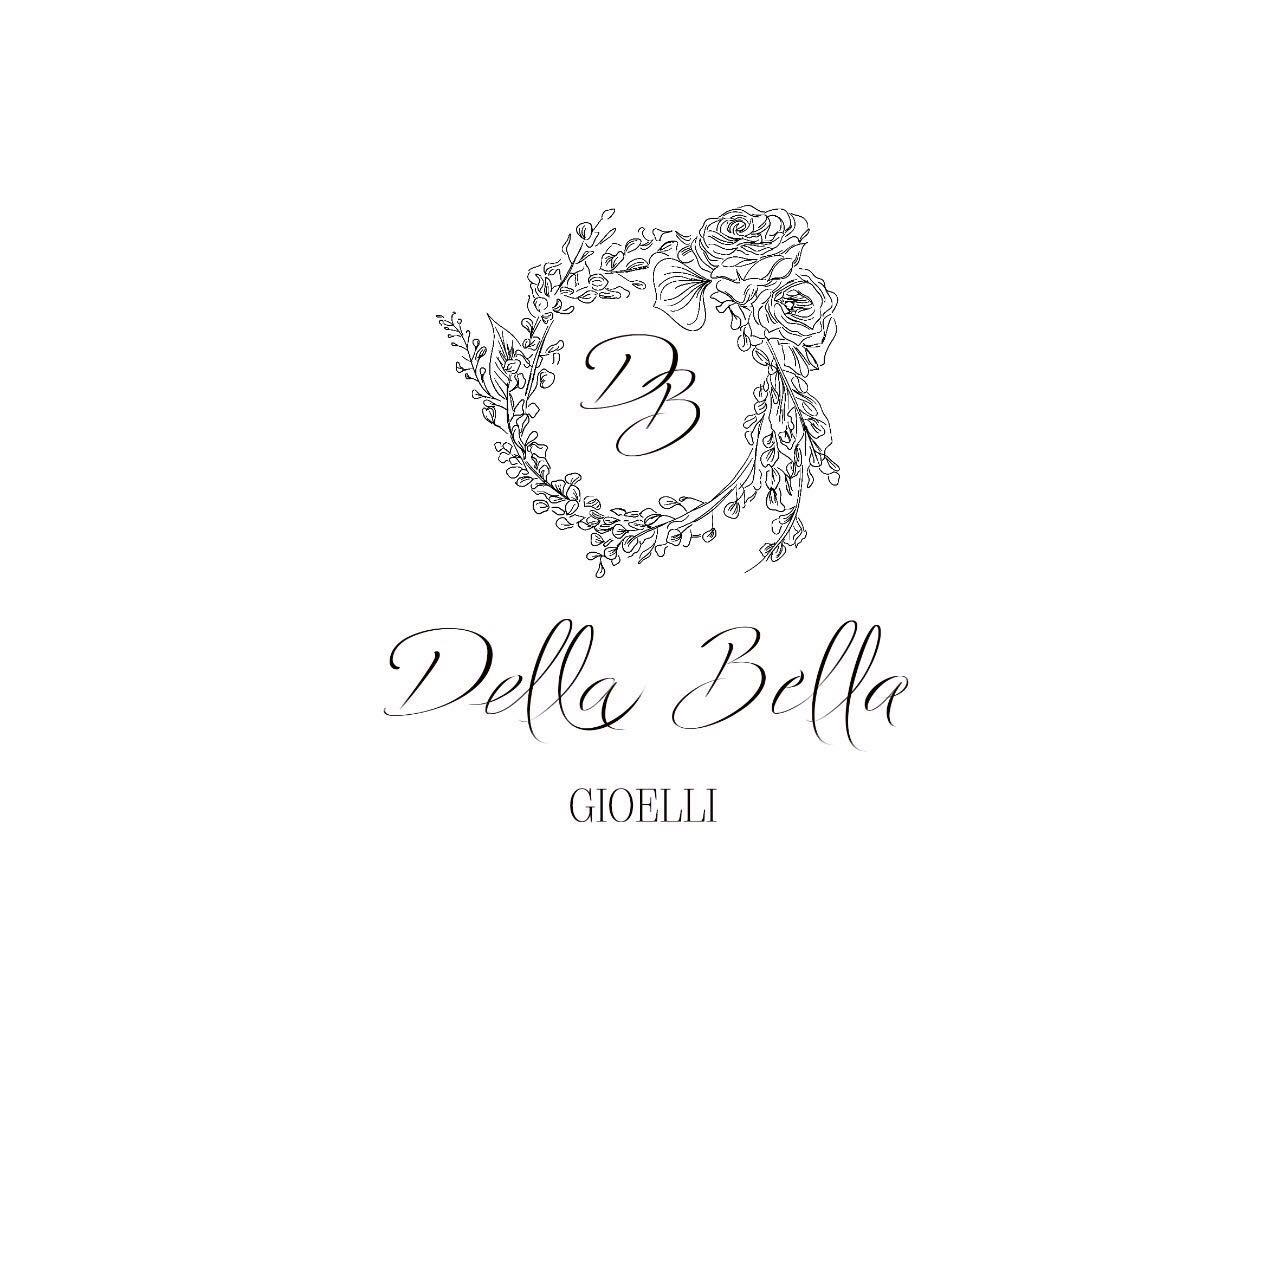 Della Bella Gioielli.jpg